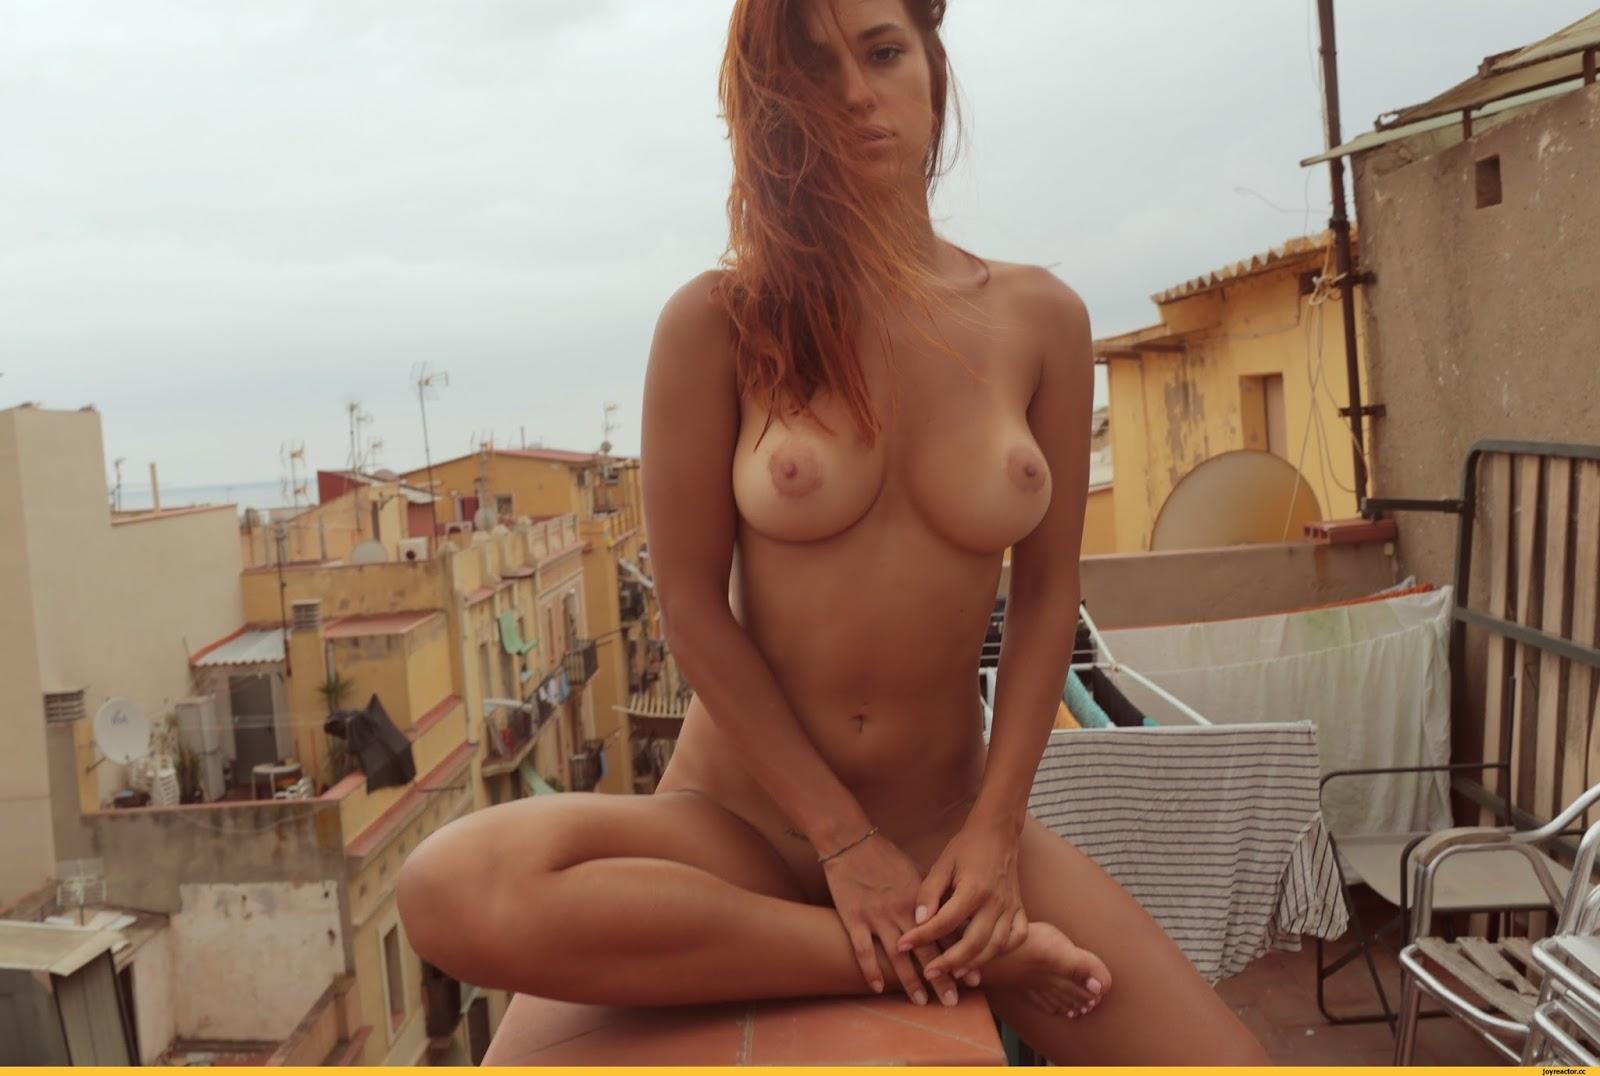 Смотреть порно плейбой без регистрации бесплатно 18 фотография